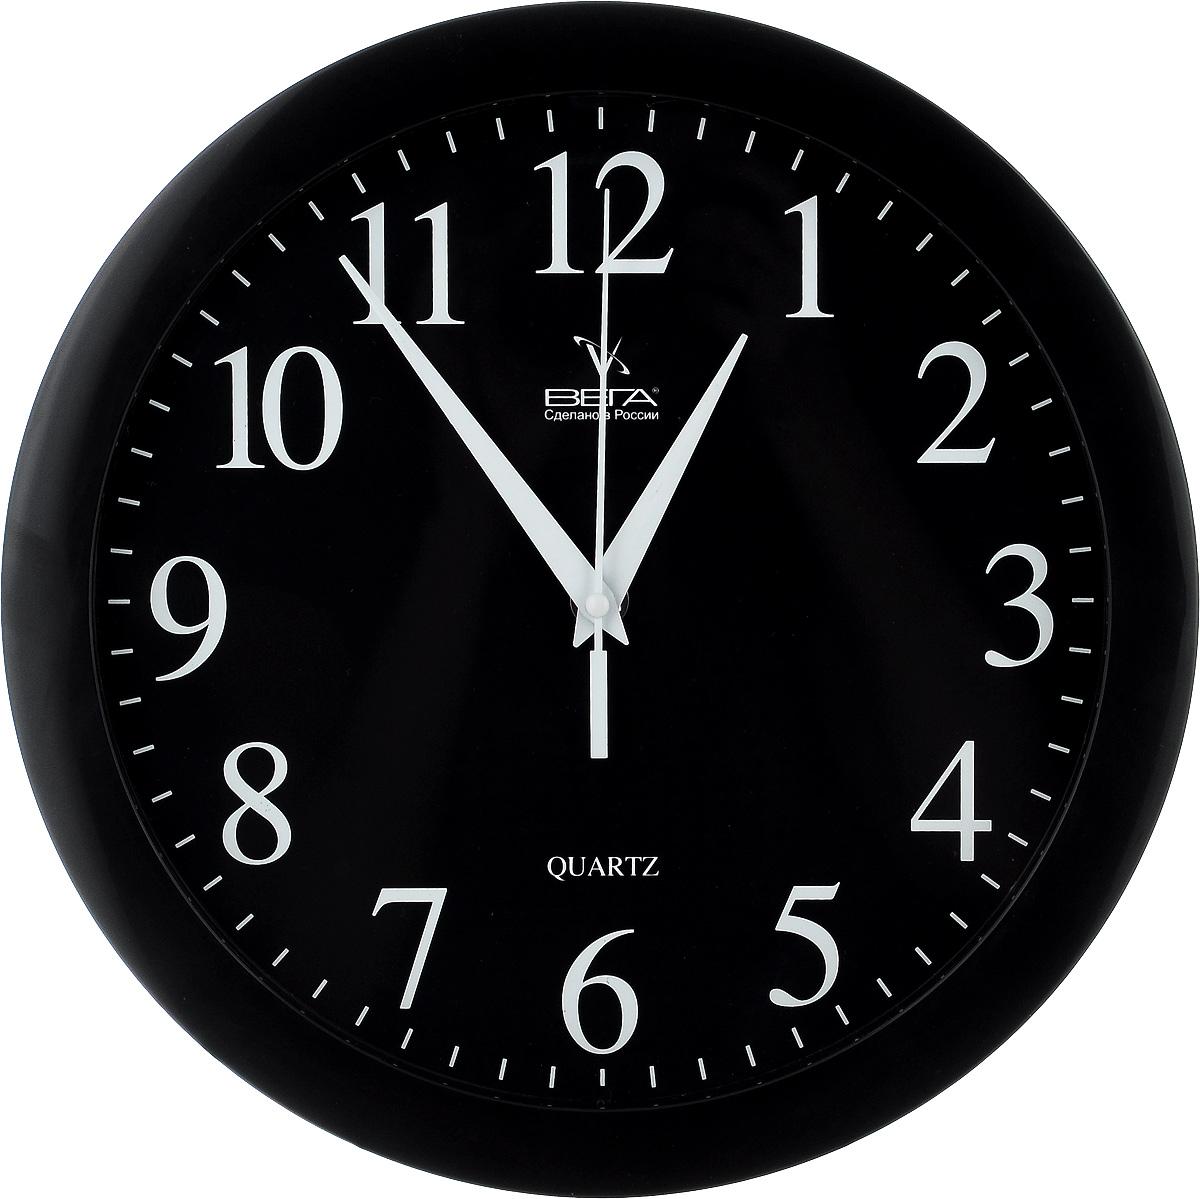 Часы настенные Вега Классика, цвет: черный, диаметр 28,5 см. П1-6300074_ежевикаНастенные кварцевые часы Вега Классика, изготовленные из пластика, прекрасно впишутся в интерьер вашего дома. Круглые часы имеют три стрелки: часовую, минутную и секундную, циферблат защищен прозрачным стеклом. Часы работают от 1 батарейки типа АА напряжением 1,5 В (не входит в комплект). Диаметр часов: 28,5 см.